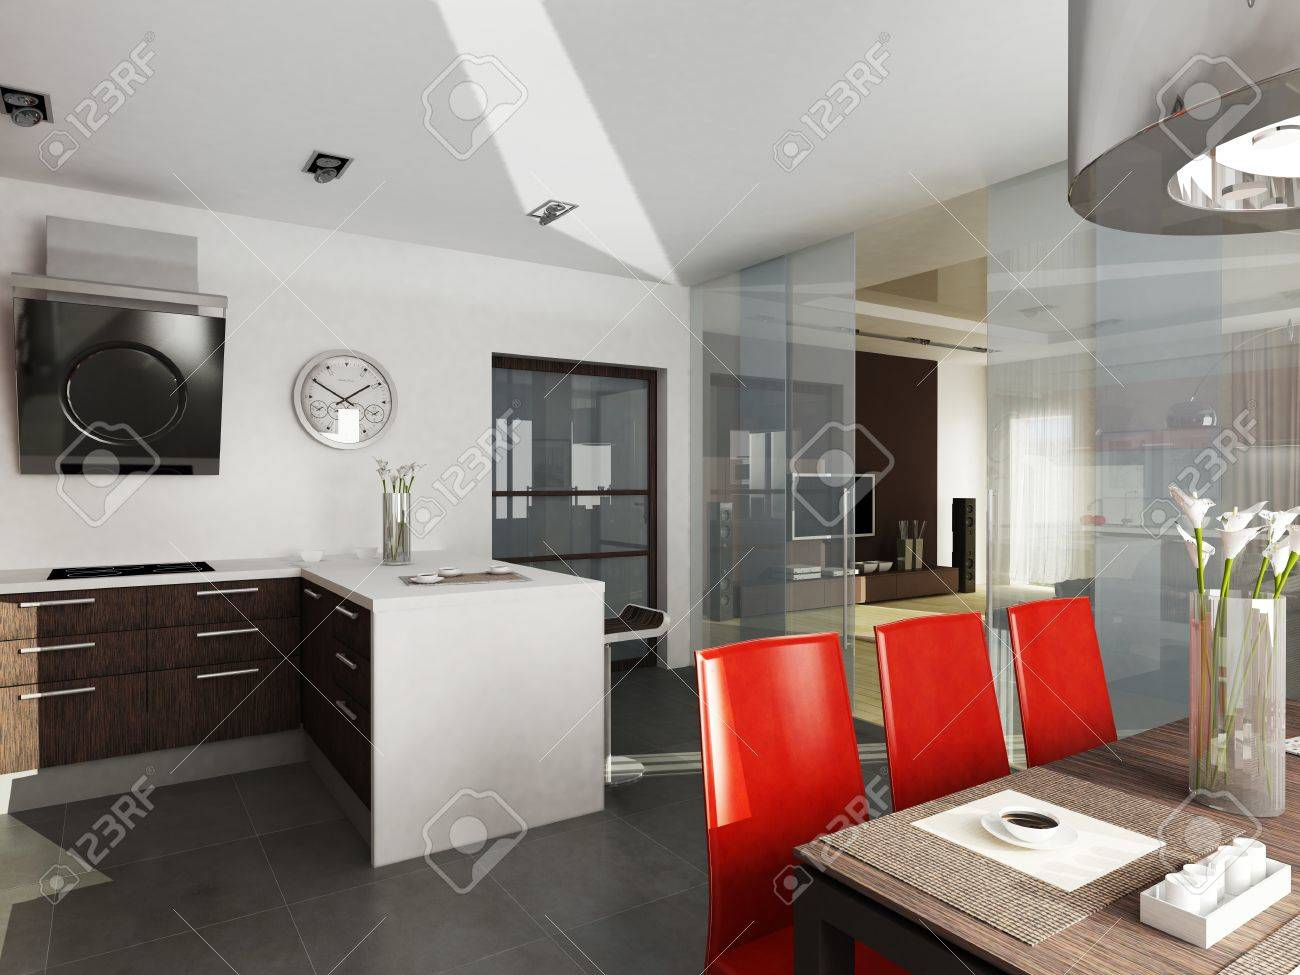 Moderne Innenarchitektur Küche Standard Bild   29577802